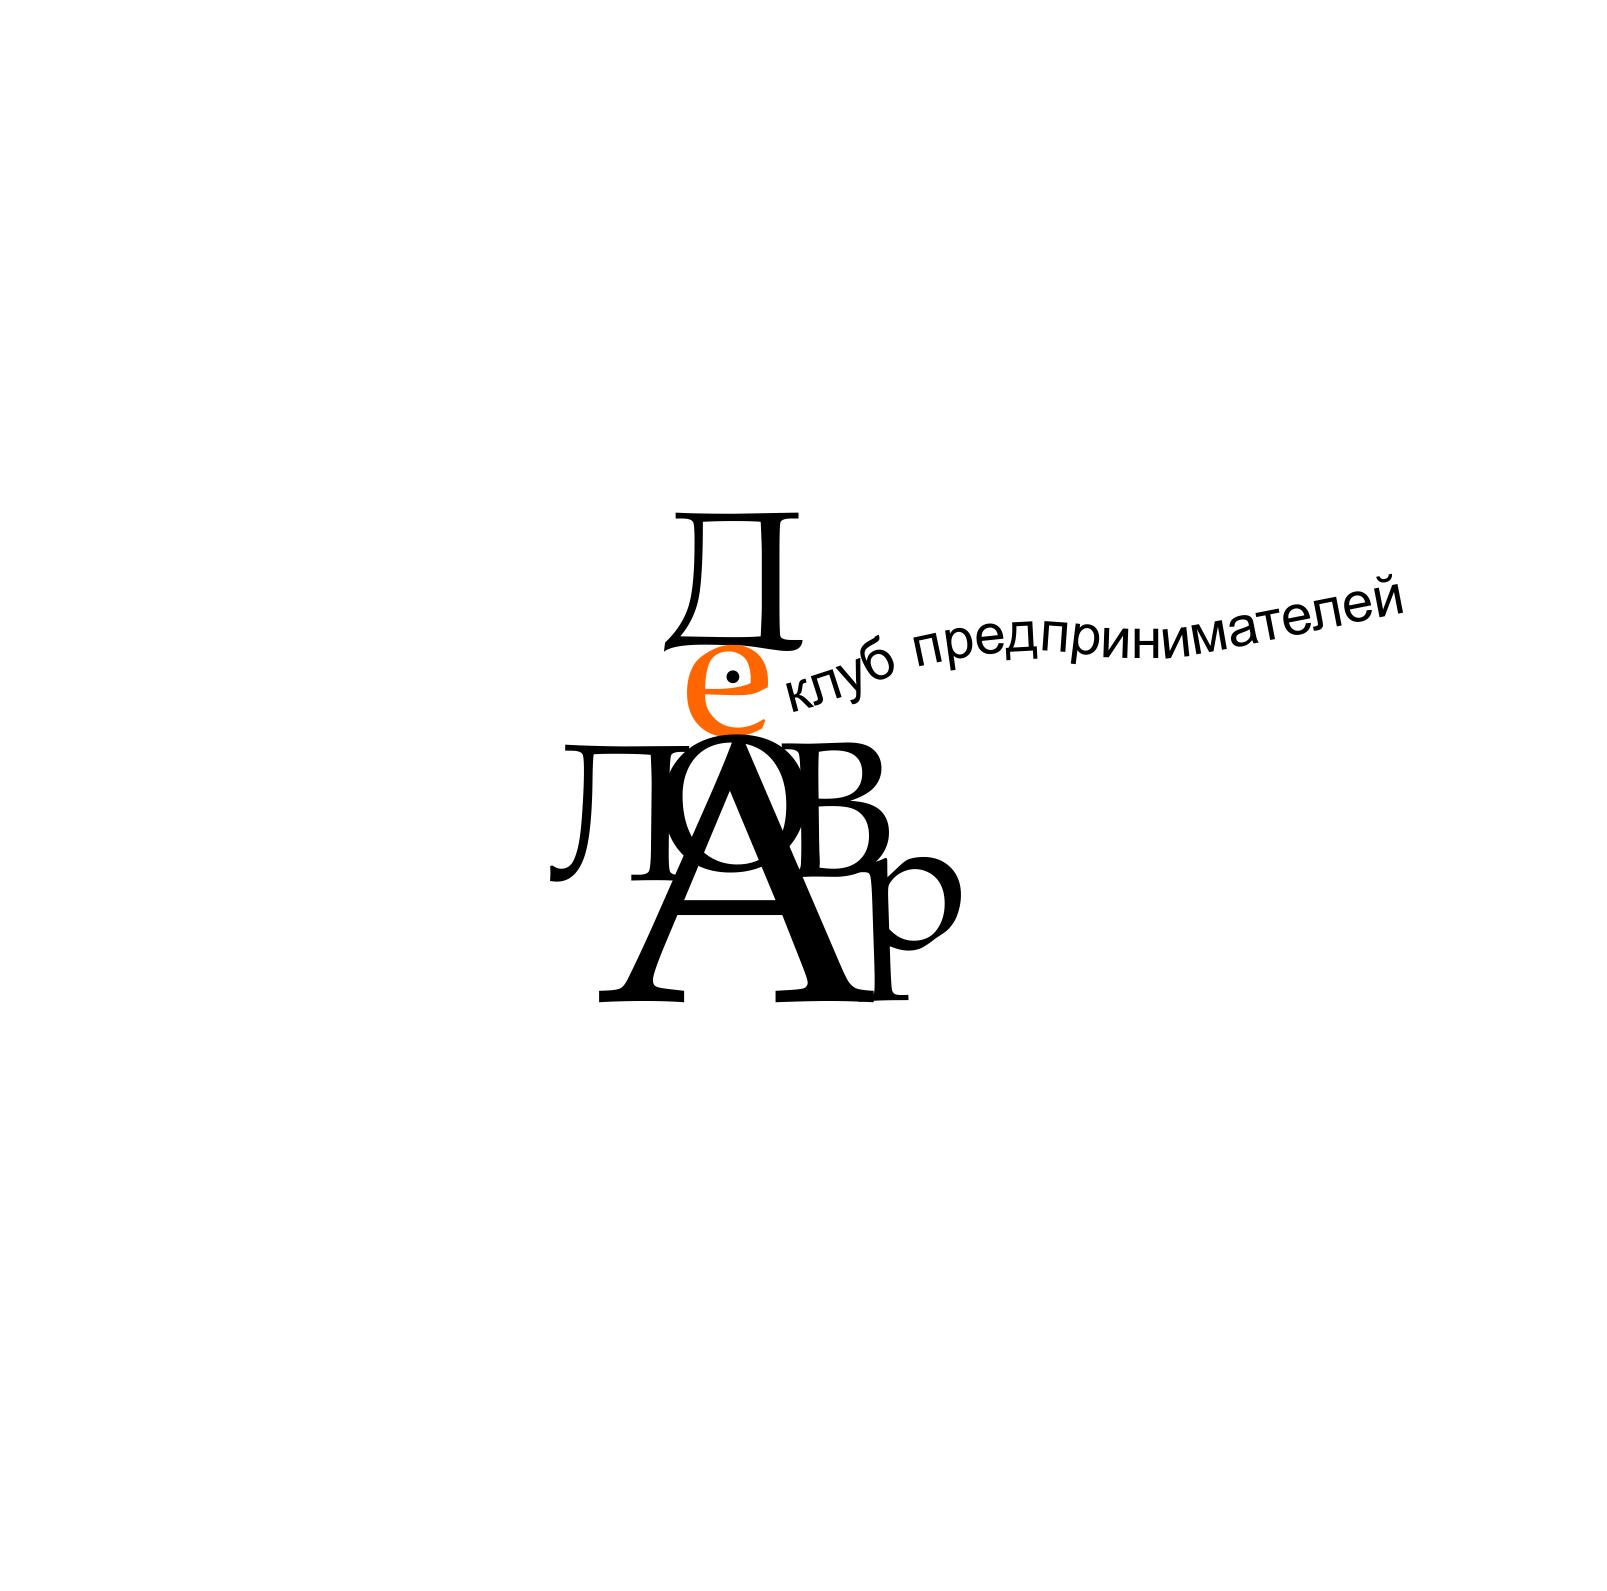 """Логотип и фирм. стиль для Клуба предпринимателей """"Деловар"""" фото f_50461b440960a.png"""